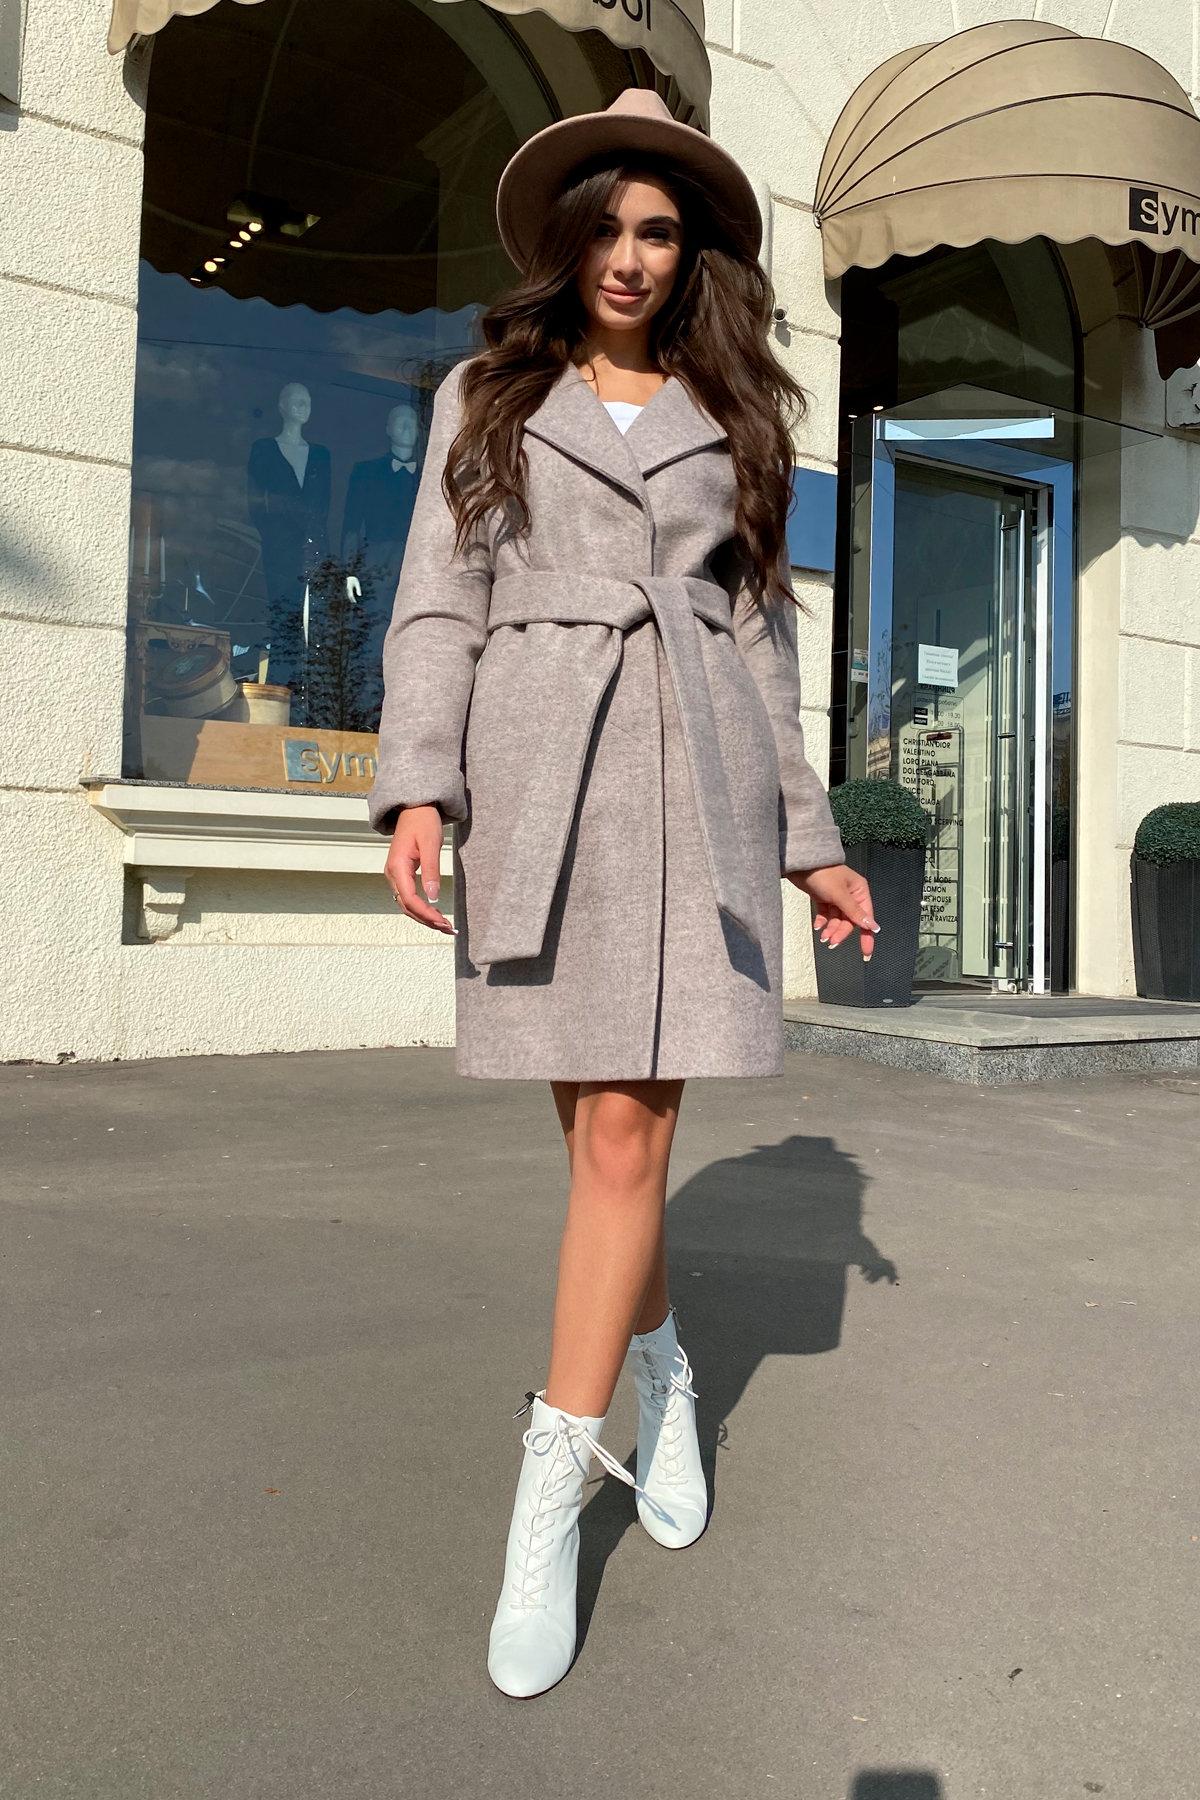 Пальто Месси 6259 АРТ. 41054 Цвет: Бежевый 31 - фото 4, интернет магазин tm-modus.ru